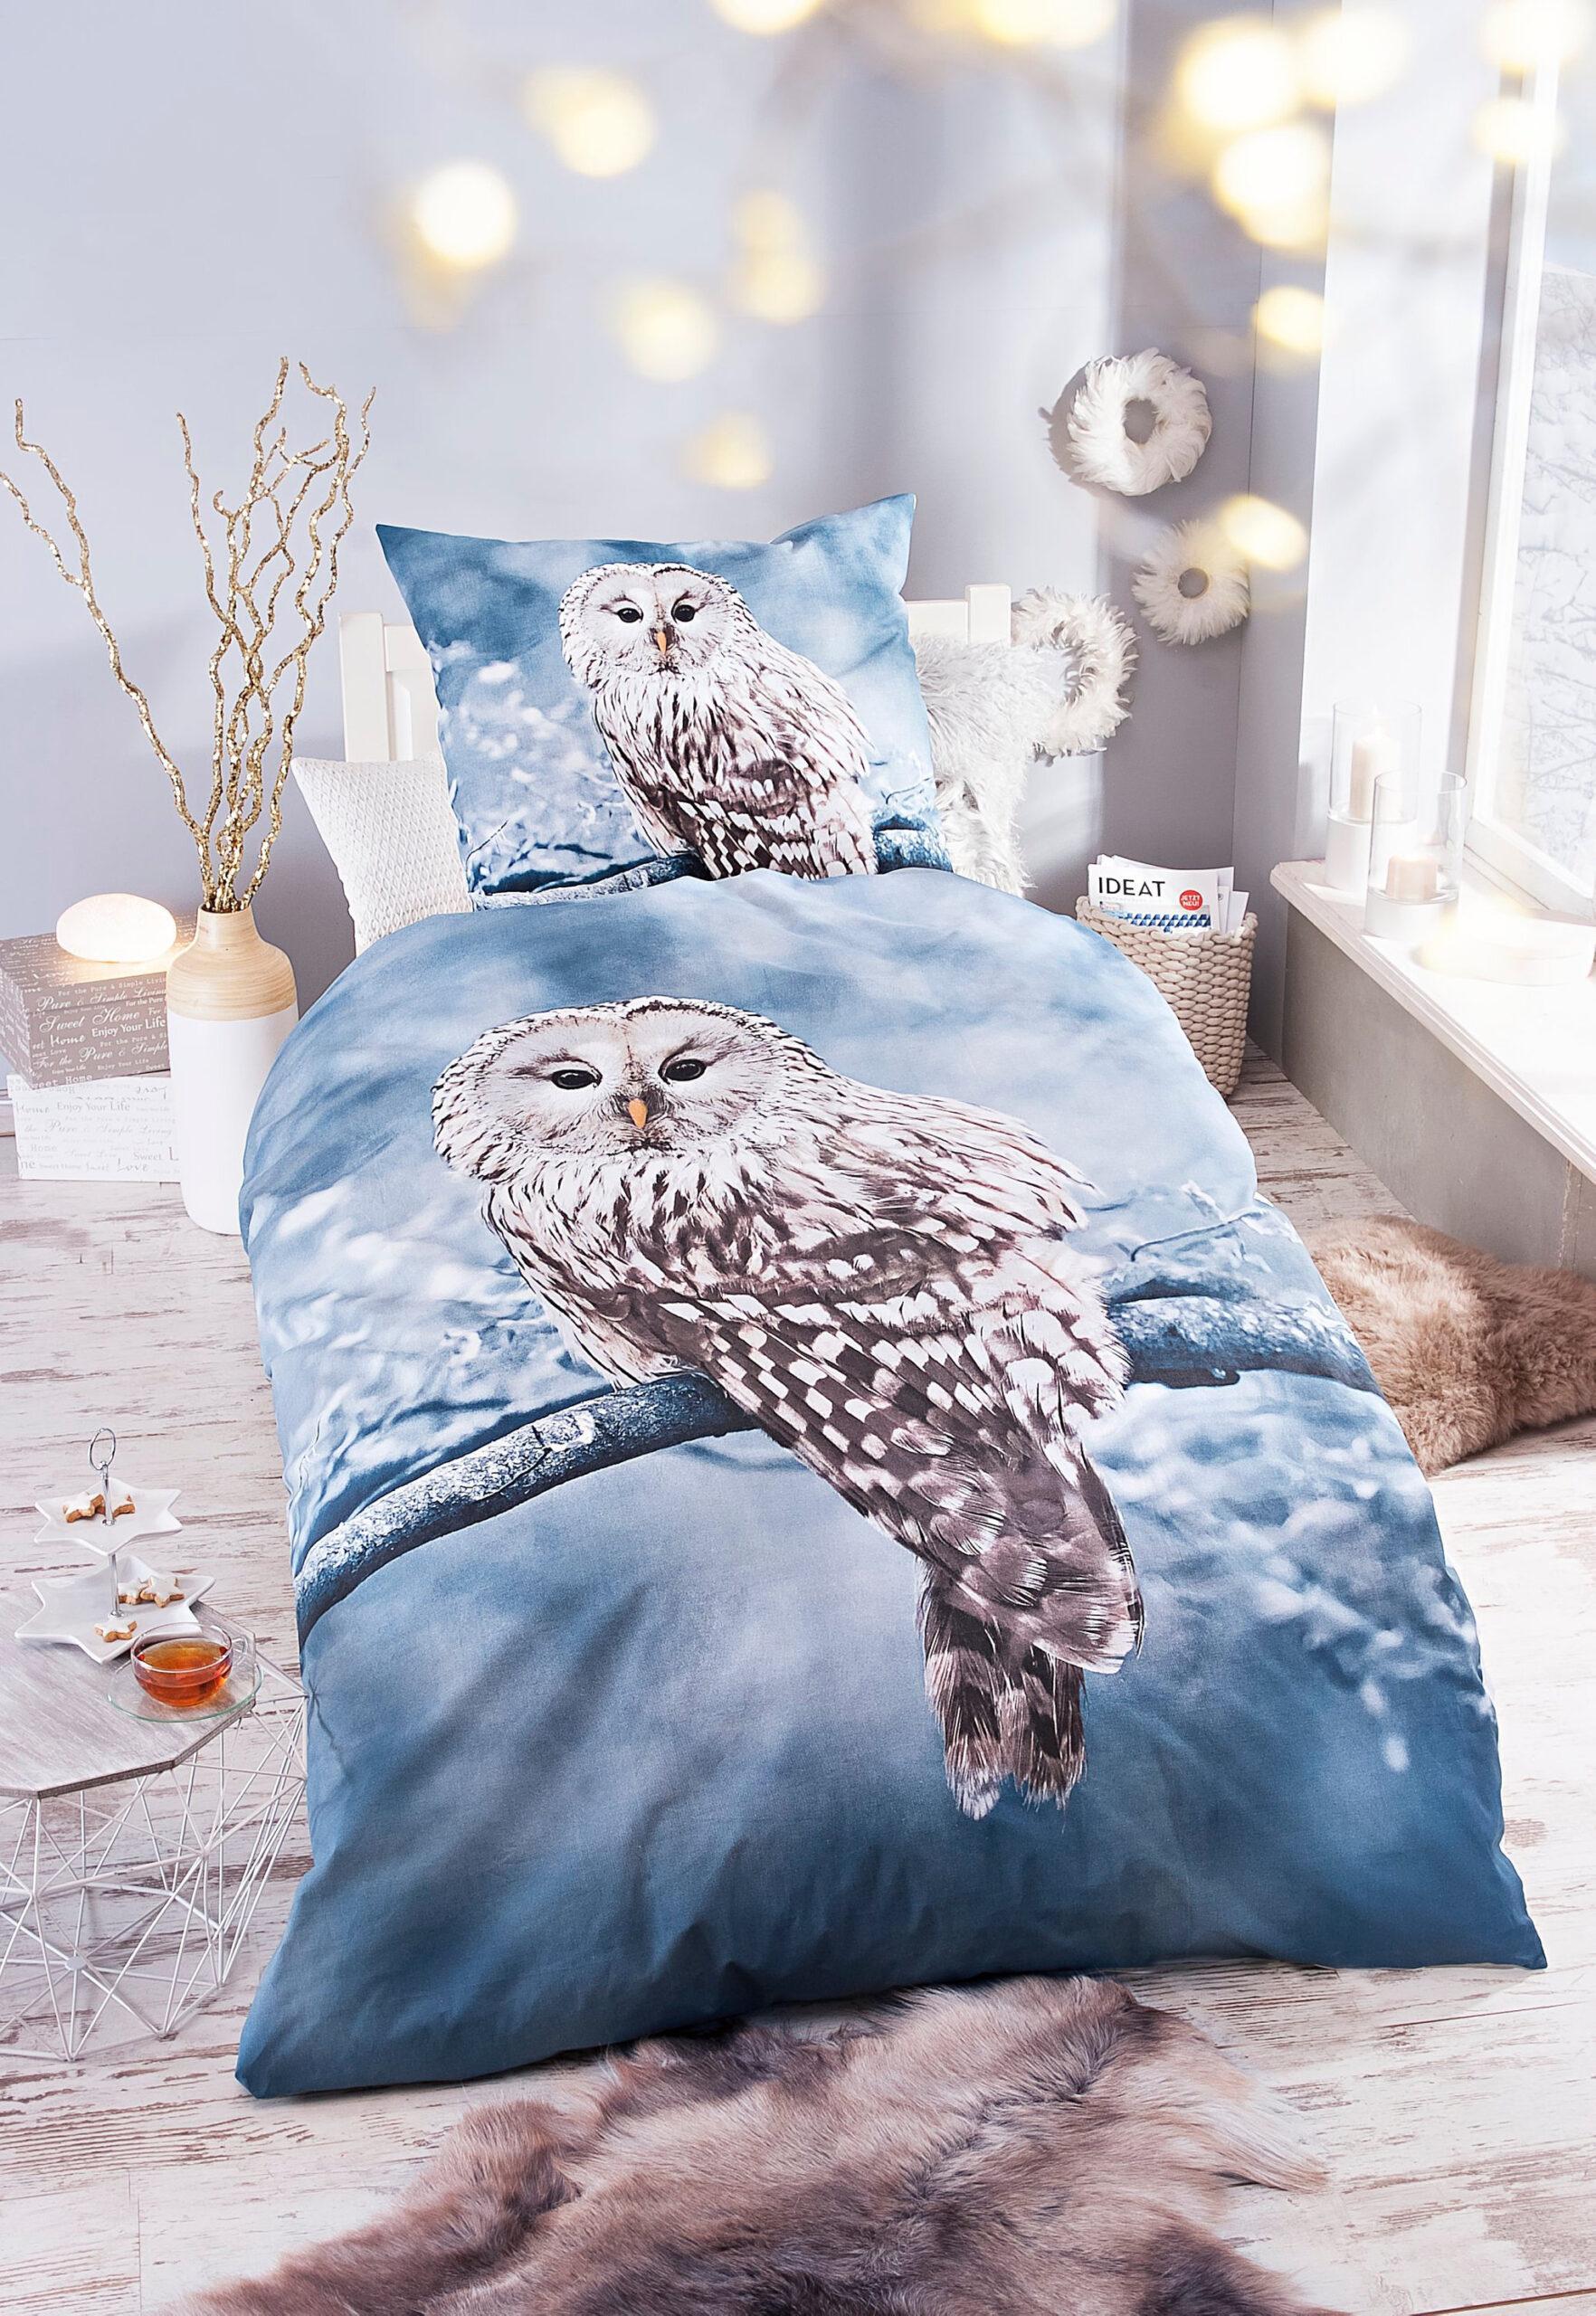 Full Size of Lustige Bettwäsche 155x220 Bettwsche Eule T Shirt Sprüche T Shirt Wohnzimmer Lustige Bettwäsche 155x220